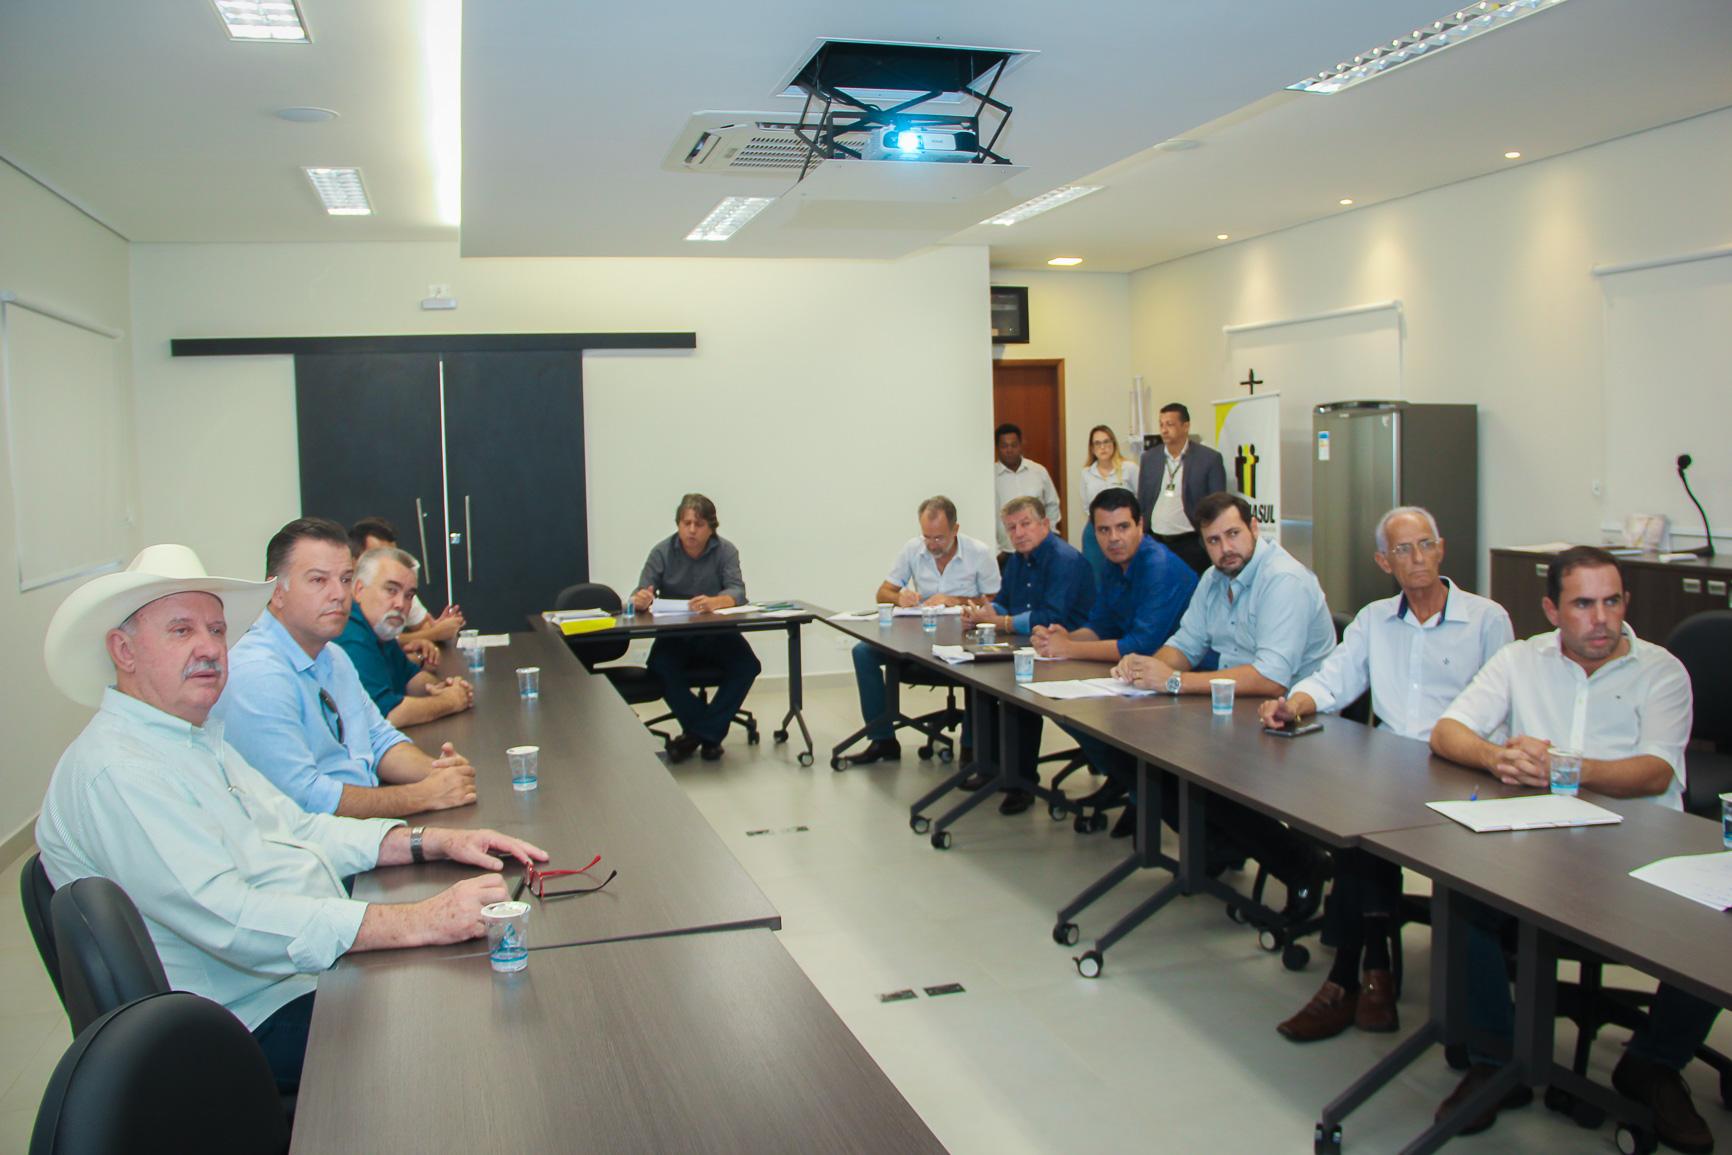 Diretoria da Assomasul: prefeitos querem segurança total para os eleitores e candidatos